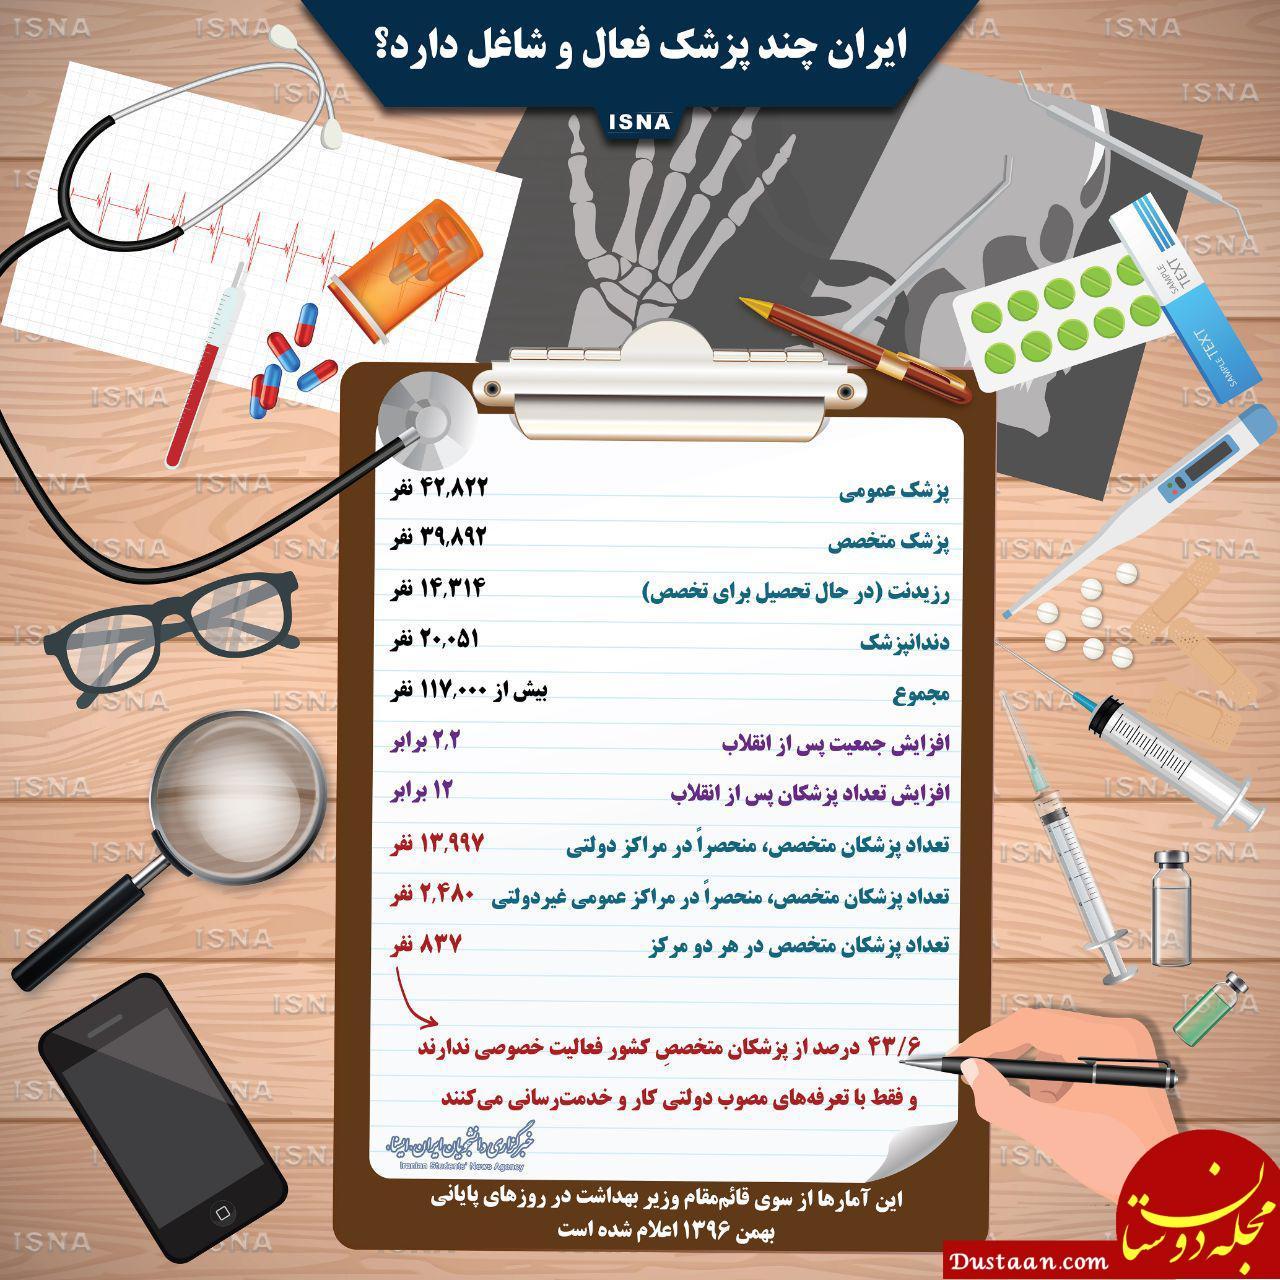 www.dustaan.com ایران چند پزشک فعال و شاغل دارد؟ +اینفوگرافیک